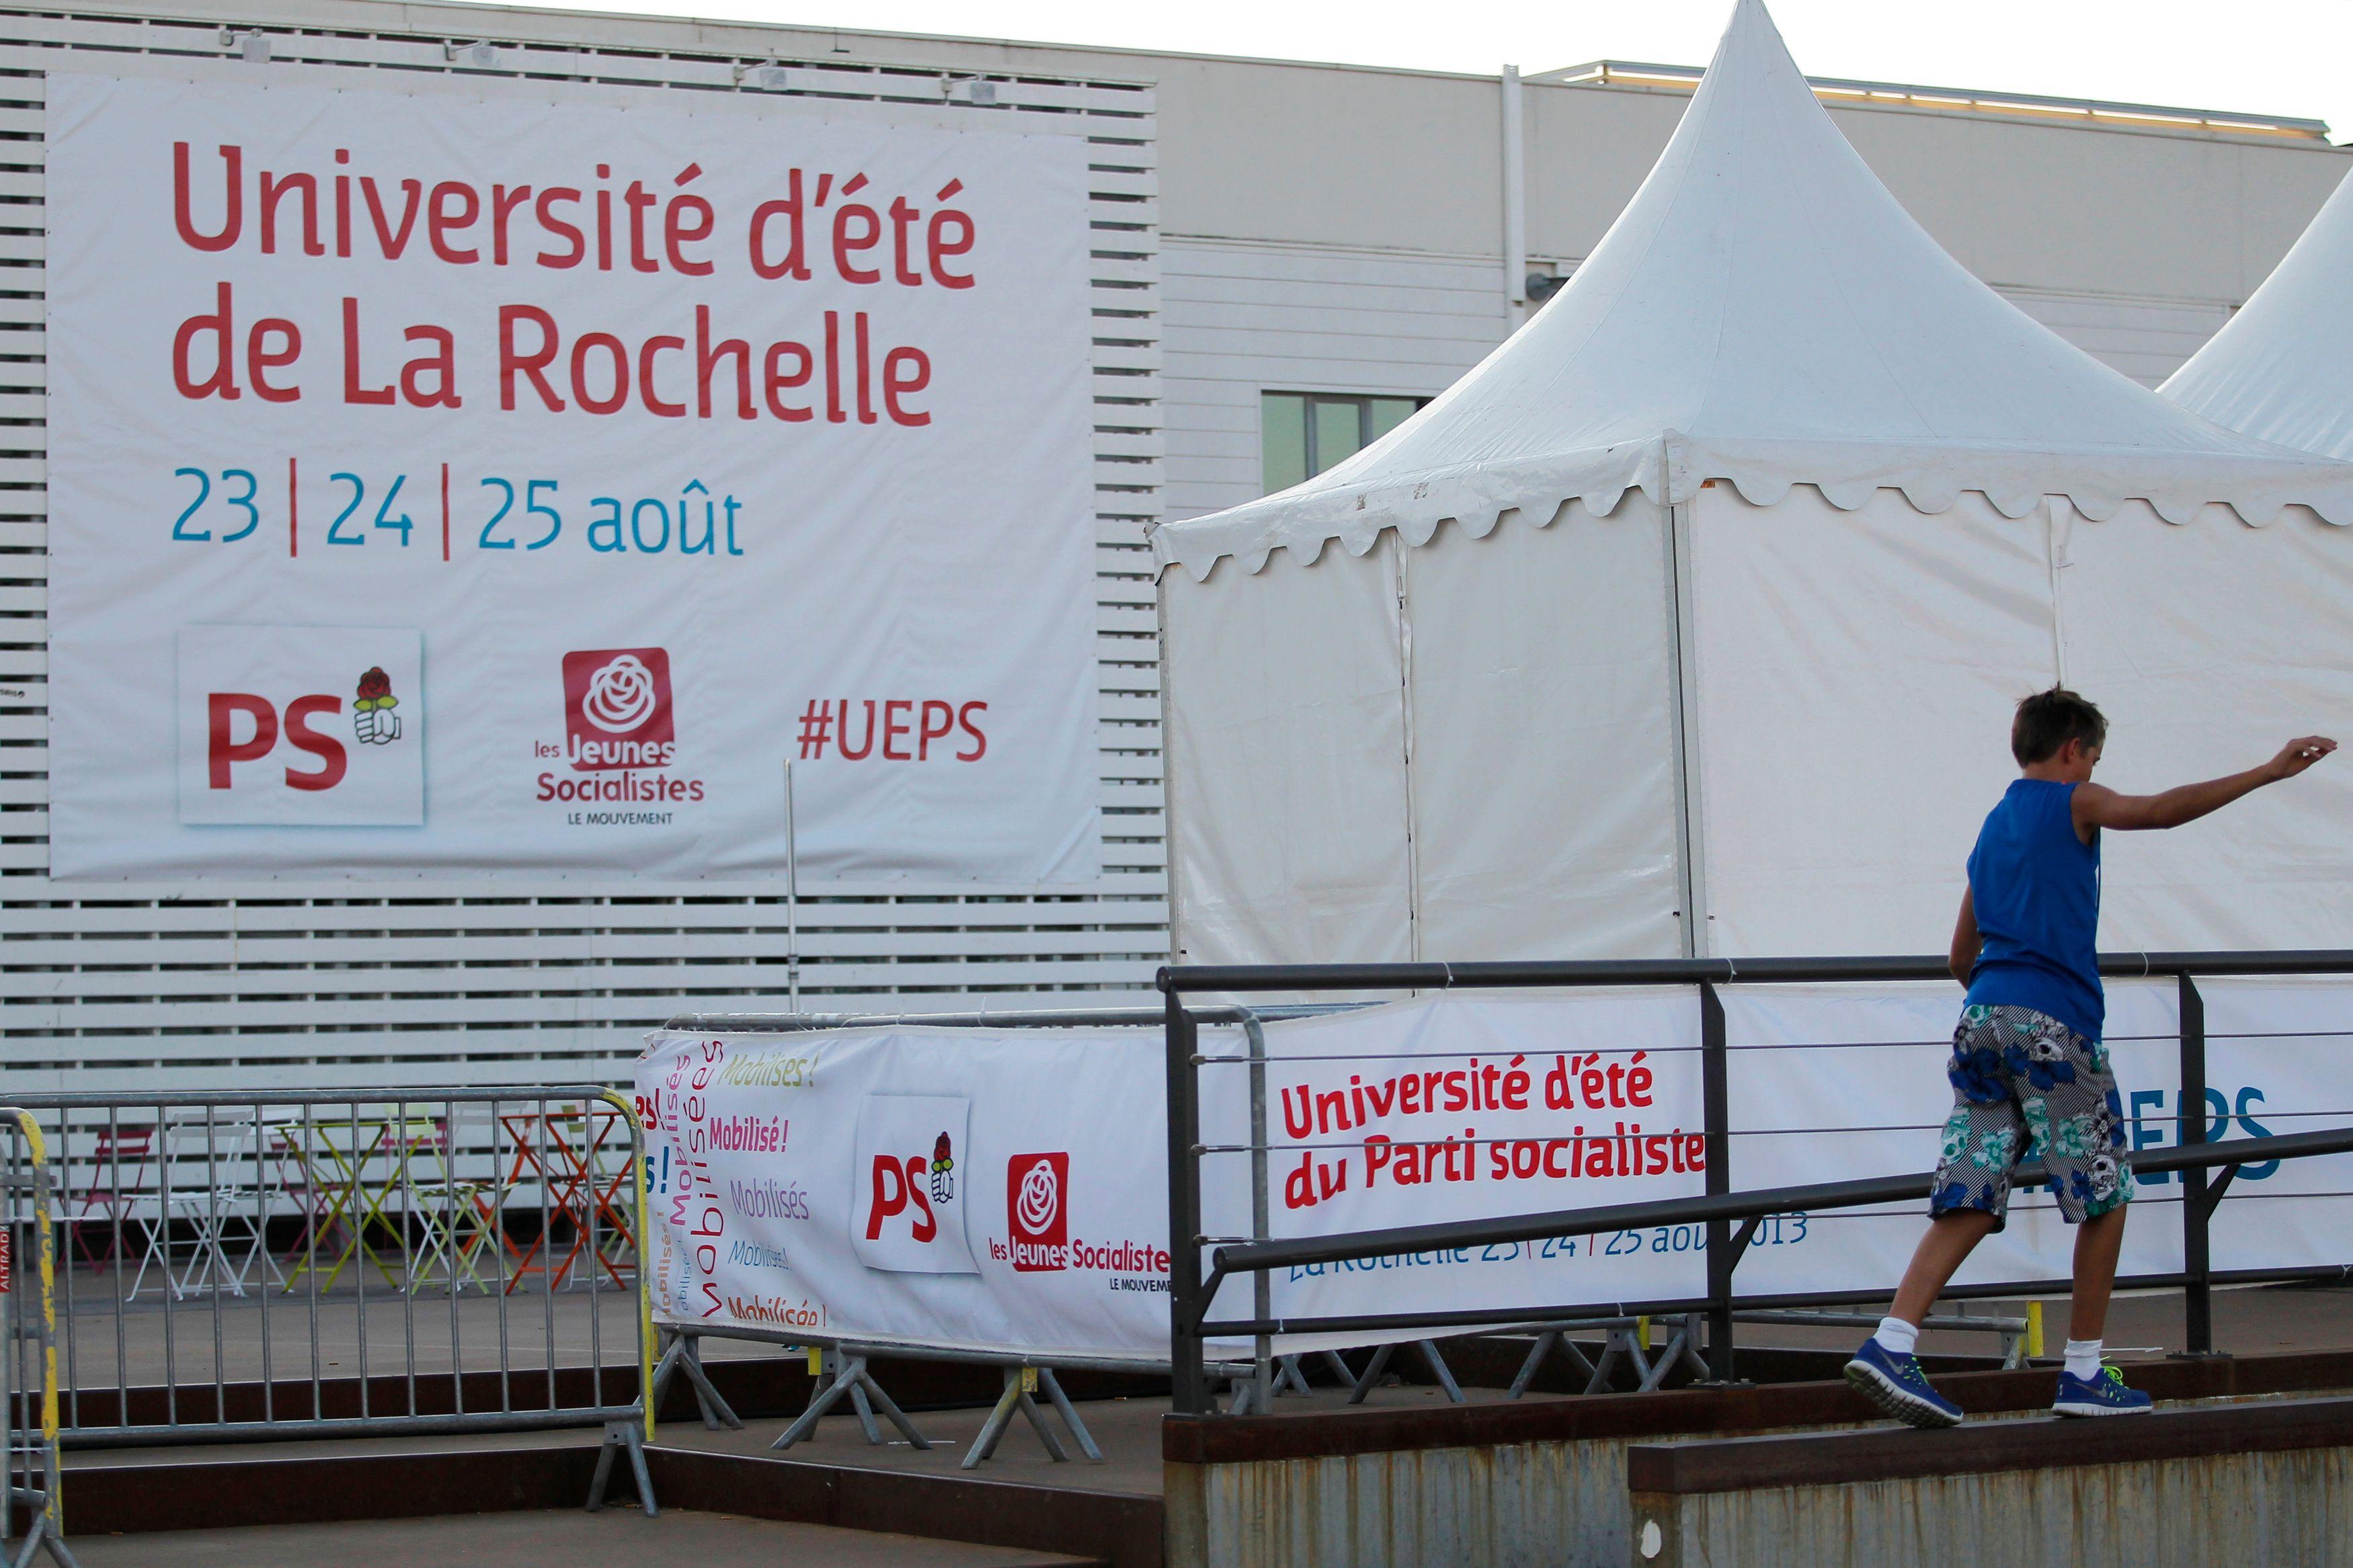 PS: seulement 30% des Français estiment que le parti est proche de leurs préoccupations